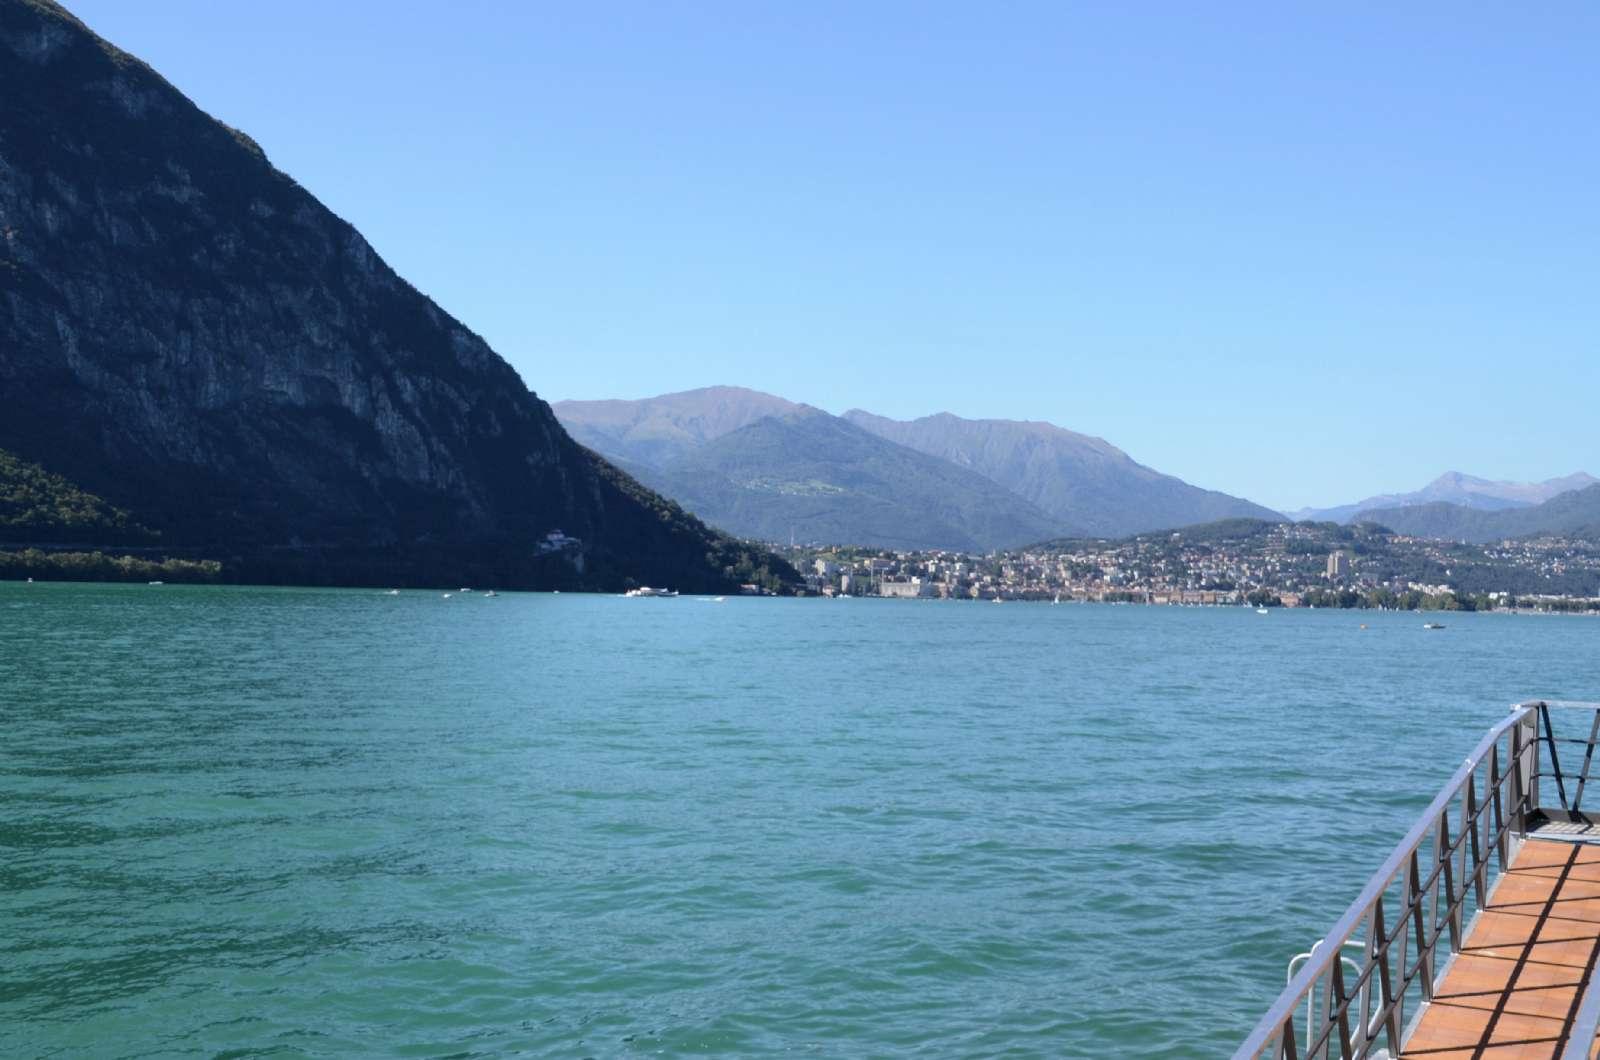 På den anden side af søen ligger Lugano by (Schweiz)